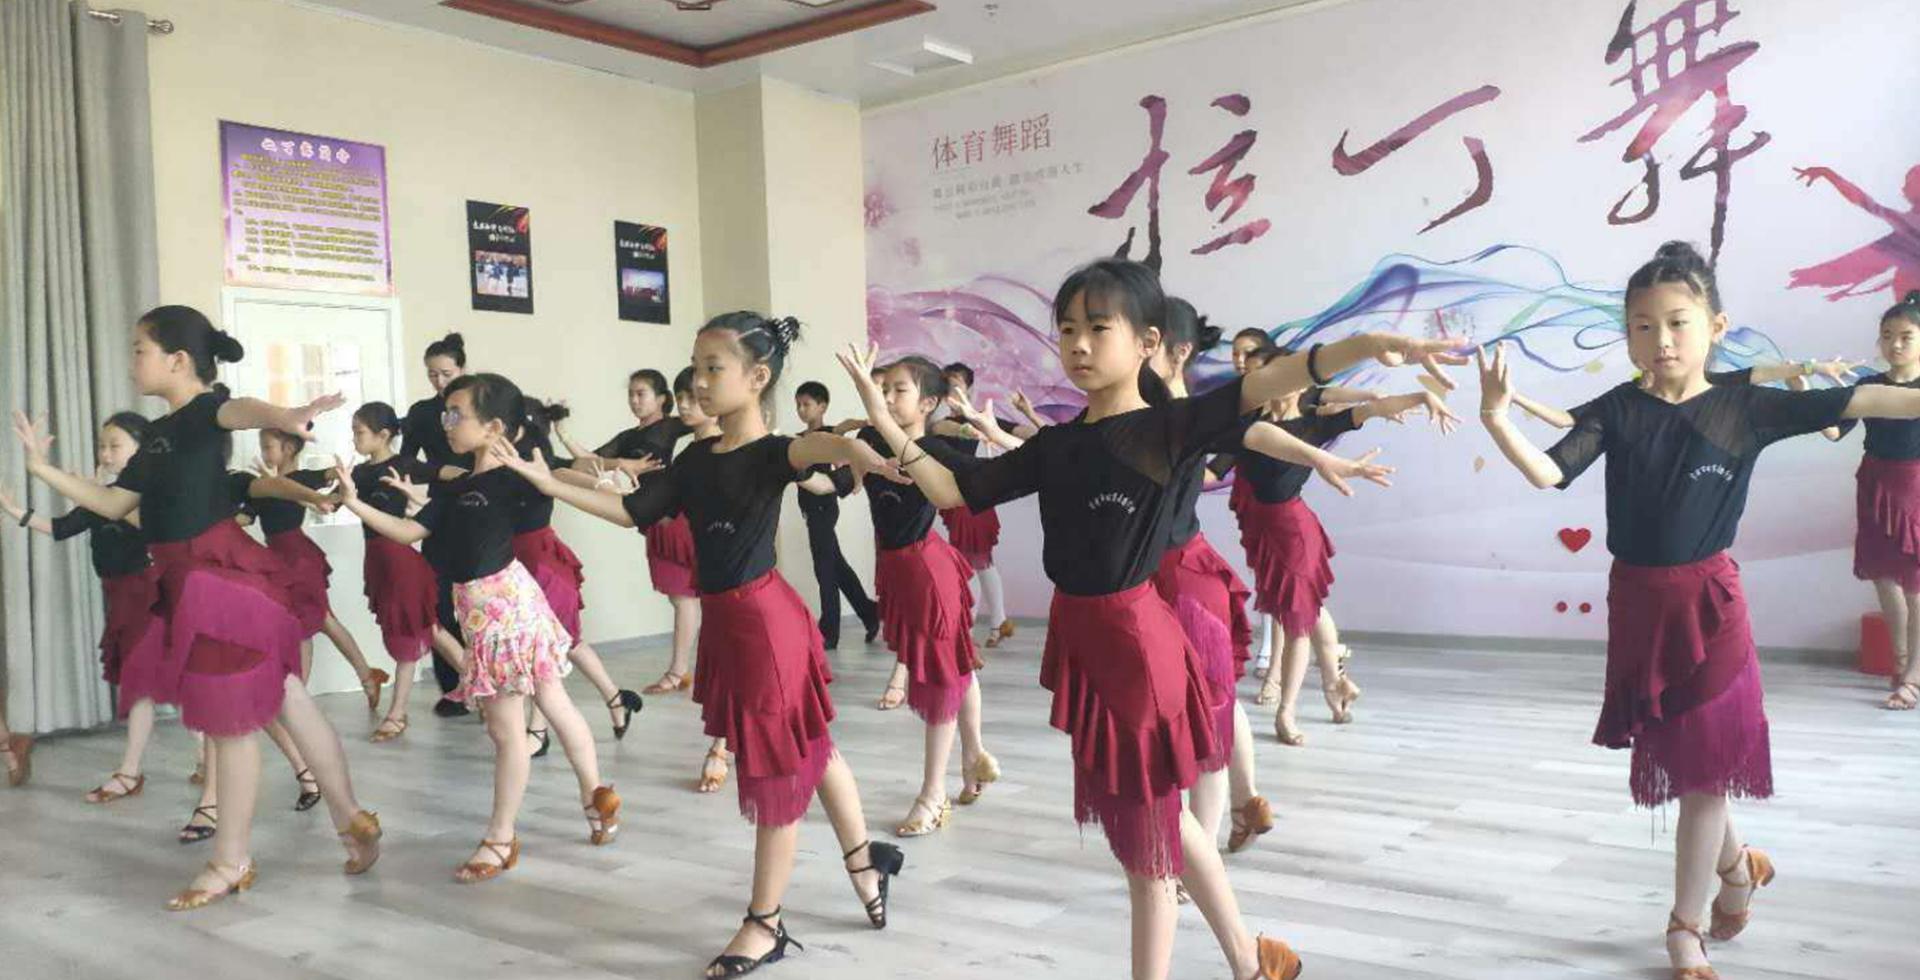 中国舞与拉丁舞的基本区别是什么